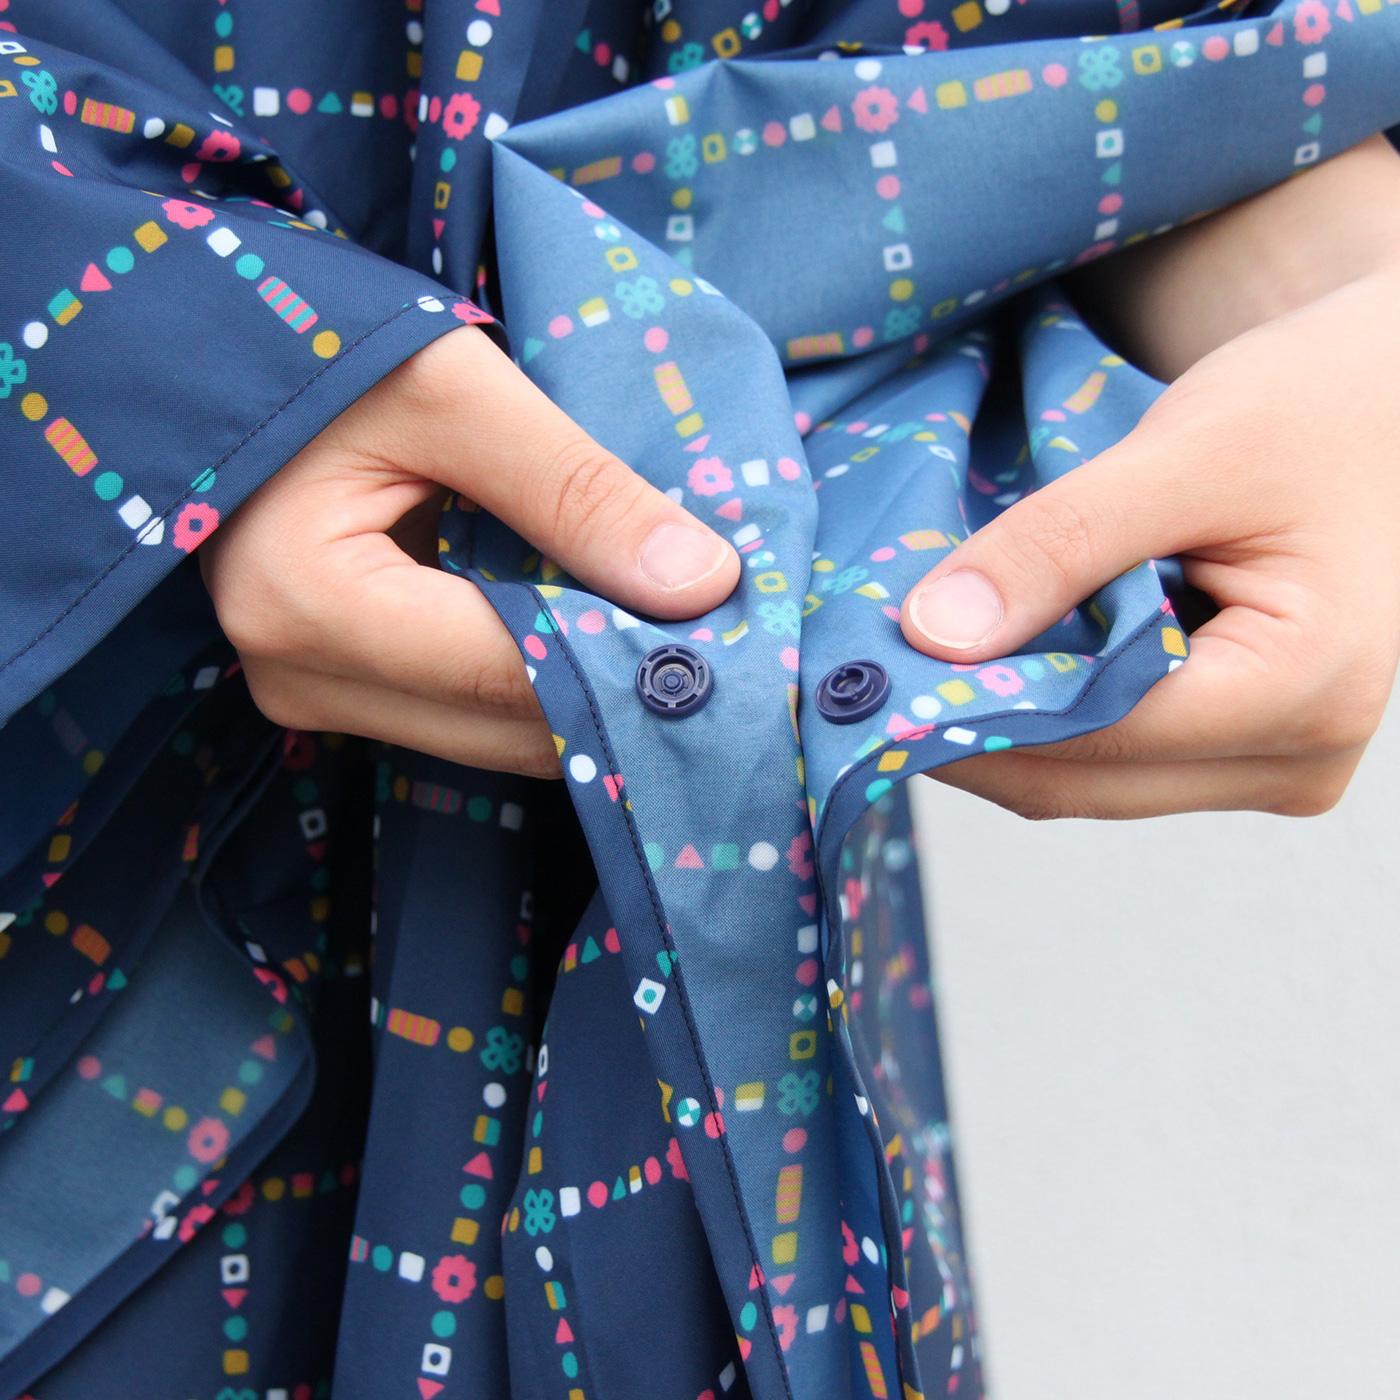 裾にもボタンが付いているので風が強い時でも安心して着用できます。